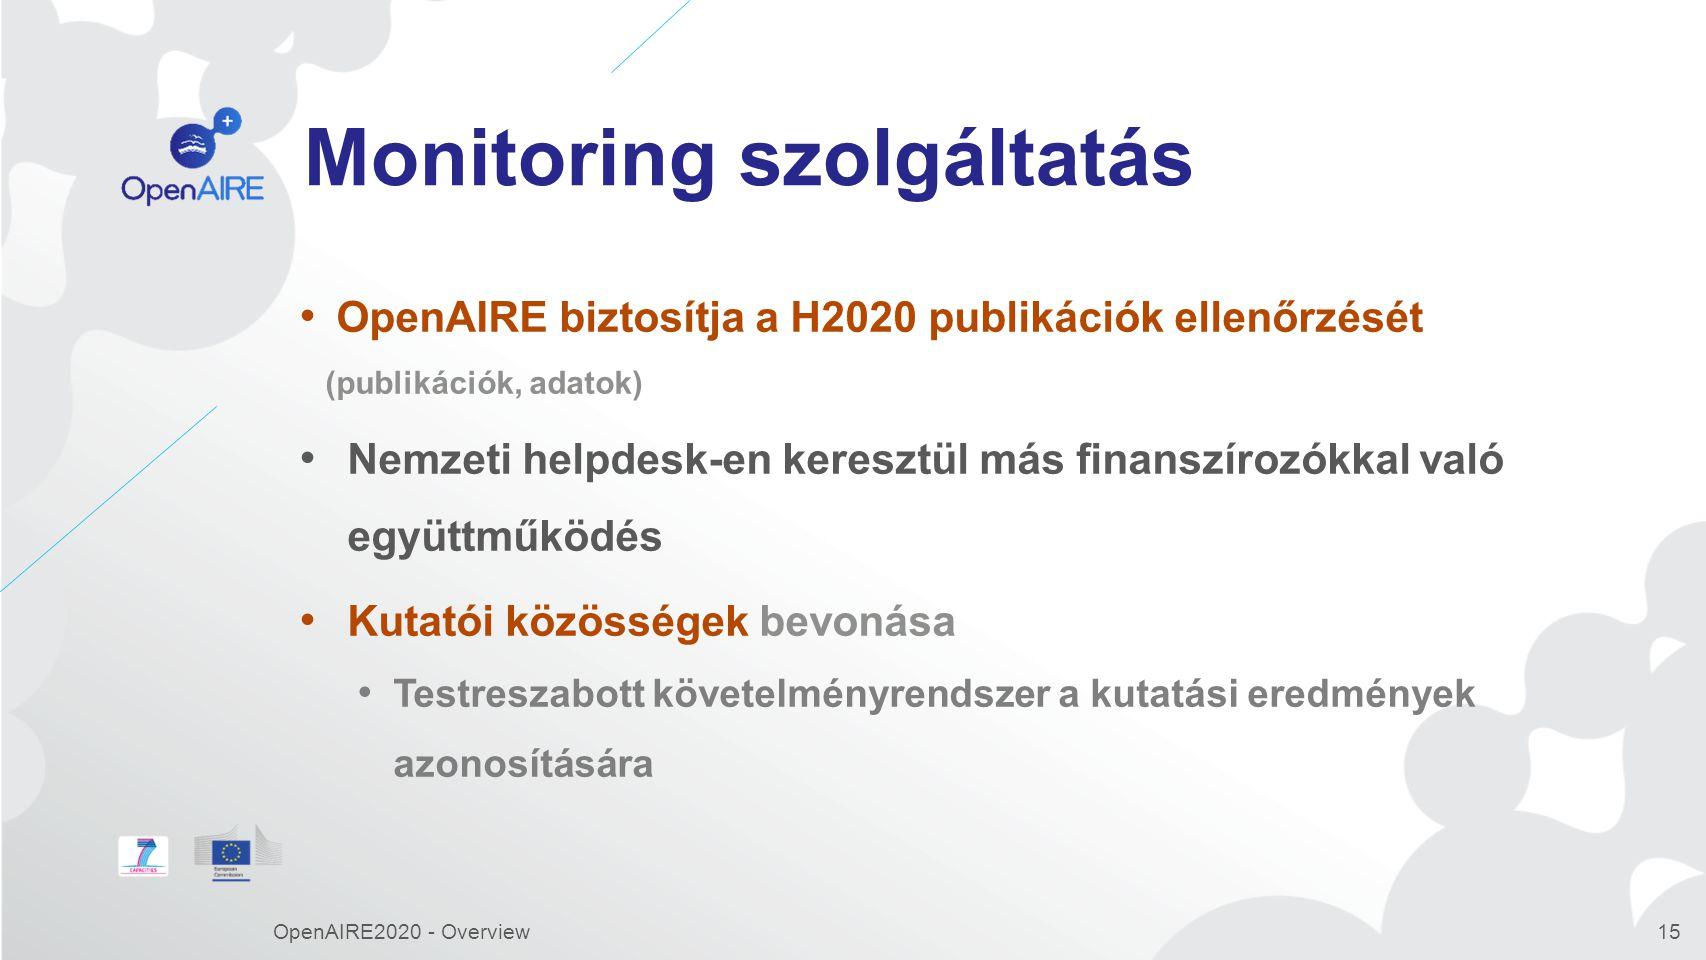 Monitoring szolgáltatás OpenAIRE biztosítja a H2020 publikációk ellenőrzését (publikációk, adatok) Nemzeti helpdesk-en keresztül más finanszírozókkal való együttműködés Kutatói közösségek bevonása Testreszabott követelményrendszer a kutatási eredmények azonosítására OpenAIRE2020 - Overview15